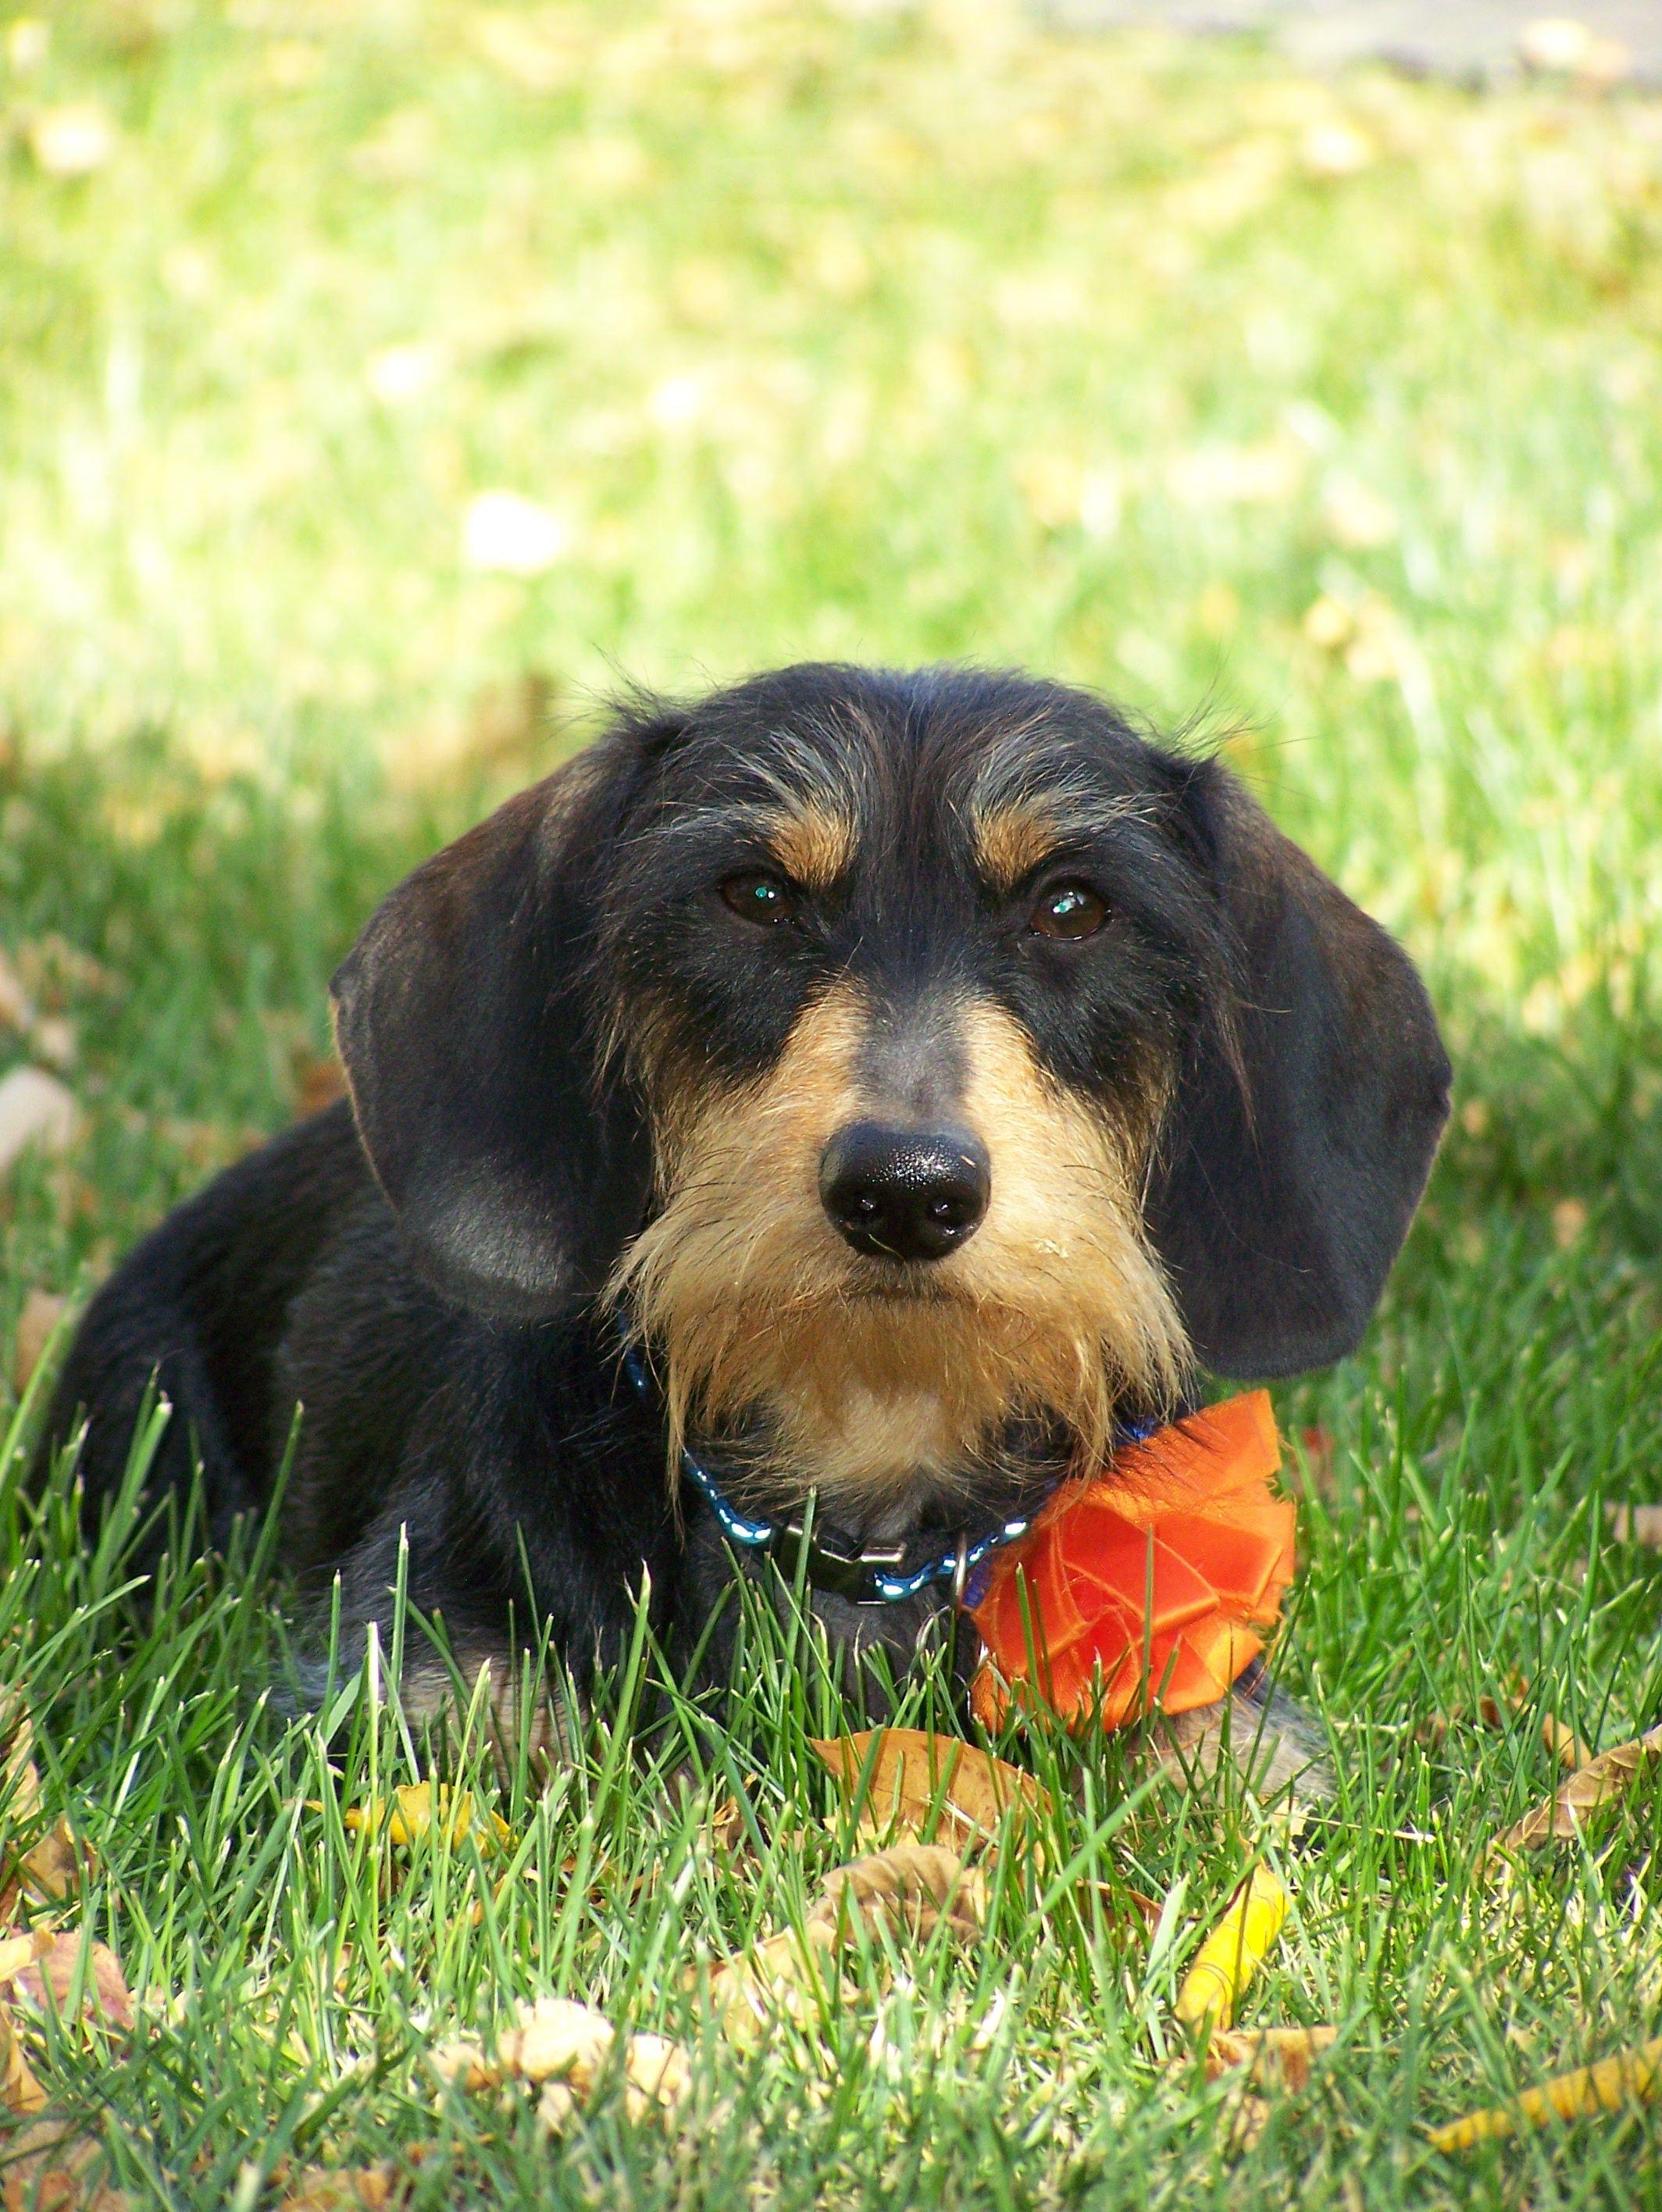 Rudi, my handsome Wirehair Dachshund! Wire haired